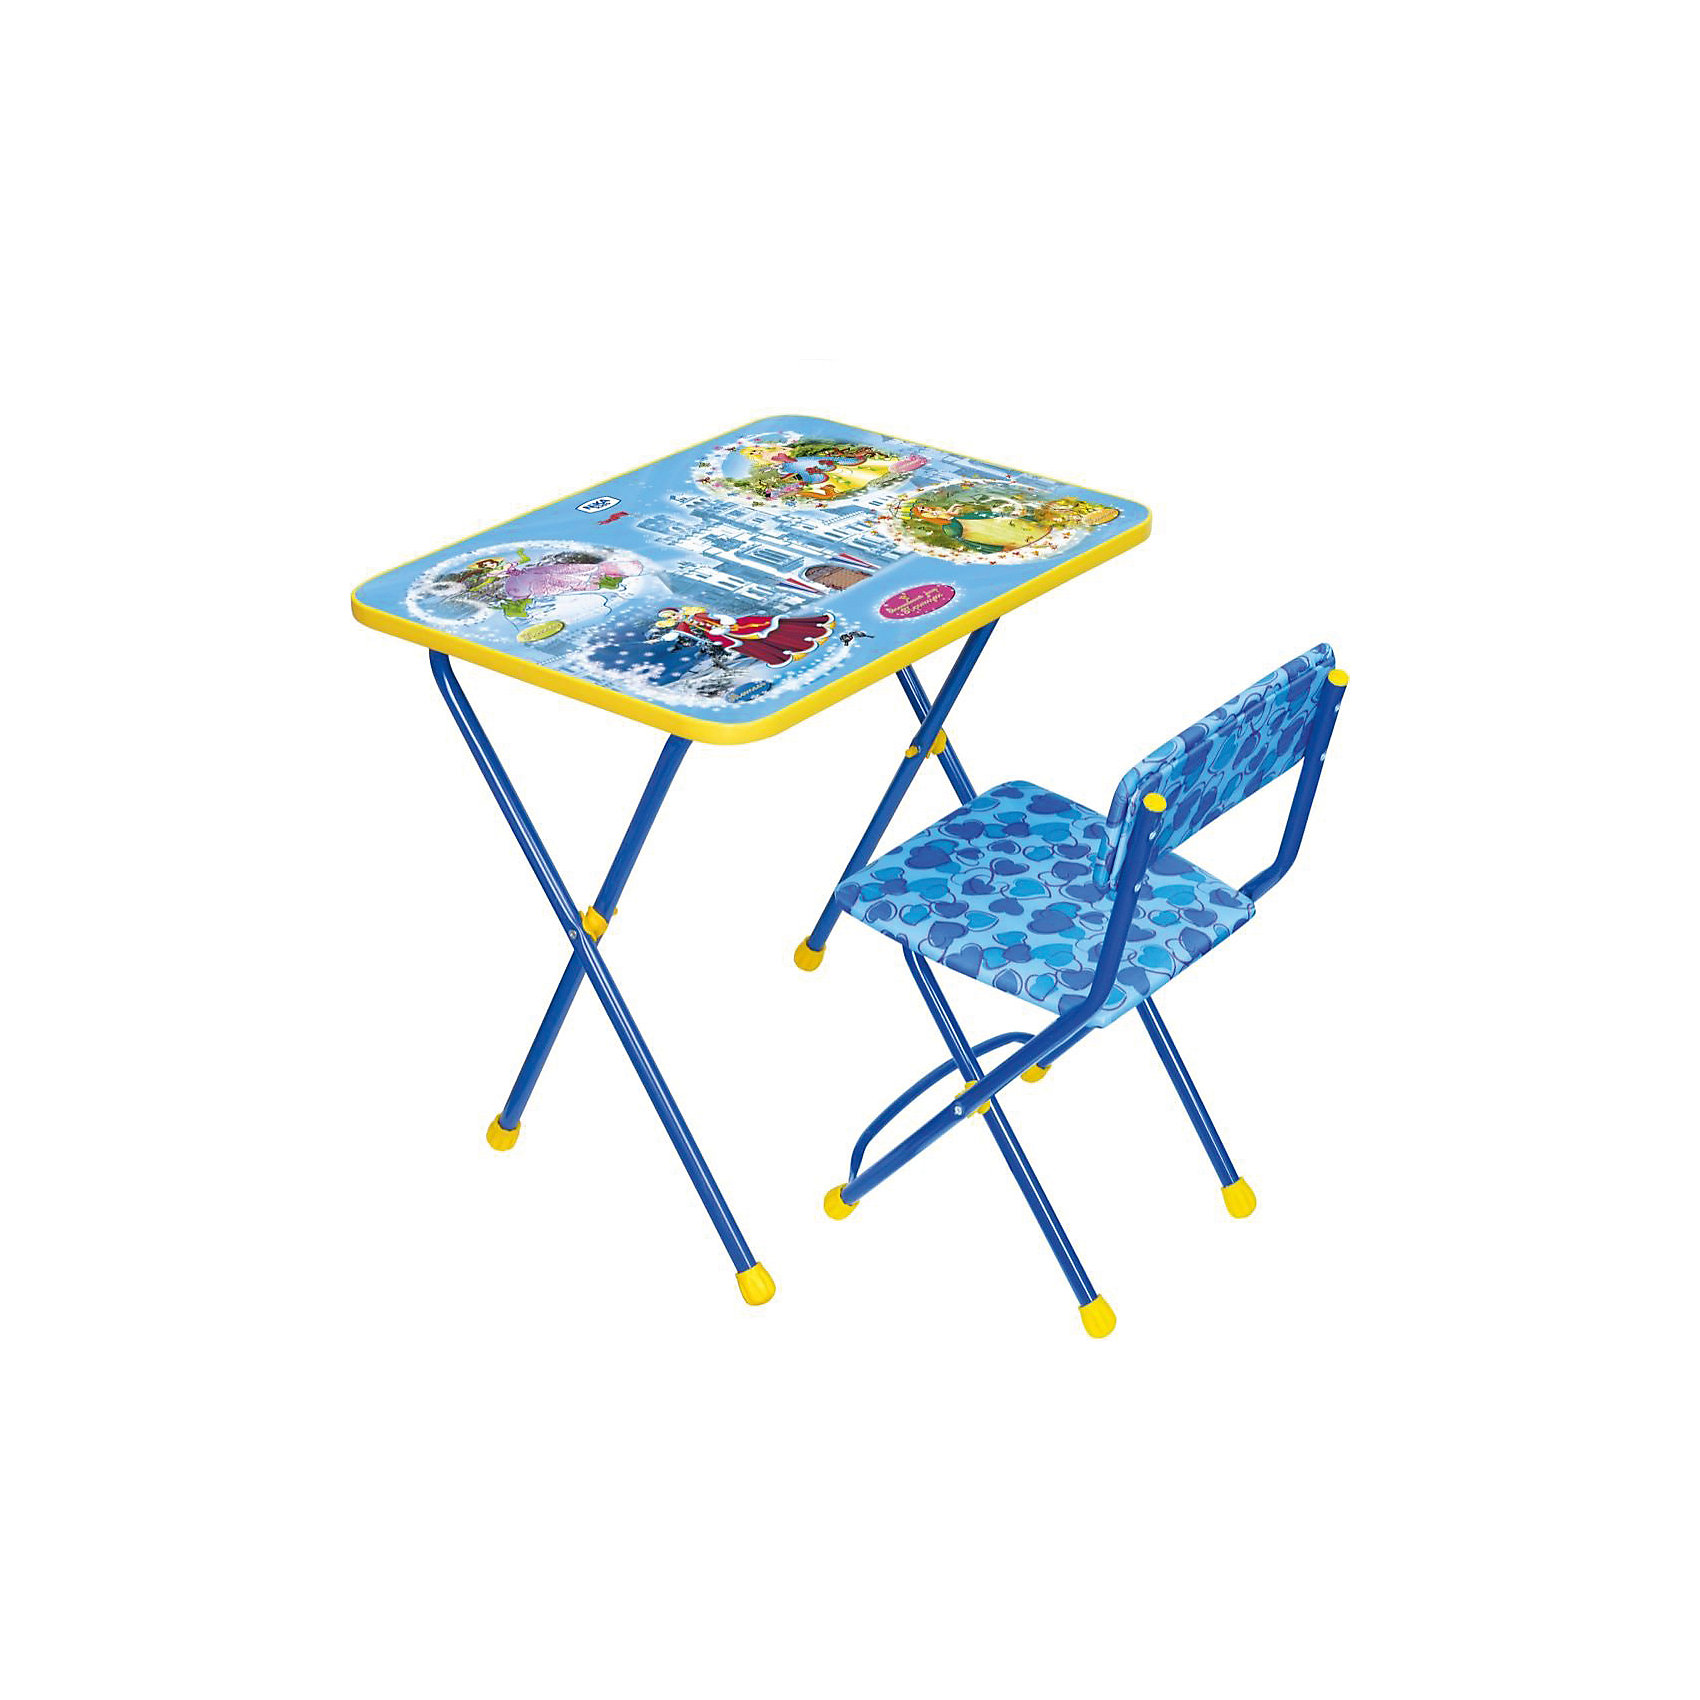 Набор мебели Познайка КП2/16 Волшебный мир, НикаСтолы и стулья<br>Характеристики товара:<br><br>• материал: металл, пластик, текстиль<br>• размер столешницы: 60х45 см<br>• высота стола: 58 см<br>• сиденье: 31х27 см<br>• высота до сиденья: 32 см<br>• высота со спинкой 57 см<br>• подставка для ног<br>• стул с мягким сиденьем (флок)<br>• пенал<br>• складной<br>• на столешнице - полезные рисунки<br>• на ламинированной поверхности стола можно рисовать маркером на водной основе<br>• на ножках пластмассовые наконечники<br>• складной<br>• возраст: от 3 до 7 лет<br>• страна бренда: Российская Федерация<br>• страна производства: Российская Федерация<br><br>Детская мебель может быть удобной и эргономичной! Этот комплект разработан специально для детей от трех до семи лет. Он легко складывается и раскладывается, занимает немного места, легко моется. Каркас сделан из прочного, но легкого металла, а на ножках установлены пластмассовые наконечники для защиты напольного покрытия. Столешница украшена полезными познавательными рисунками. Отличное решение как для кормления малыша, так и для игр, творчества и обучения!<br>Правильно подобранная мебель помогает ребенку расти здоровым, формироваться правильной осанке. Изделие производится из качественных сертифицированных материалов, безопасных даже для самых маленьких.<br><br>Набор мебели Познайка КП2/16 Волшебный мир от бренда Ника можно купить в нашем интернет-магазине.<br><br>Ширина мм: 750<br>Глубина мм: 155<br>Высота мм: 610<br>Вес г: 8080<br>Возраст от месяцев: 36<br>Возраст до месяцев: 84<br>Пол: Унисекс<br>Возраст: Детский<br>SKU: 5223617